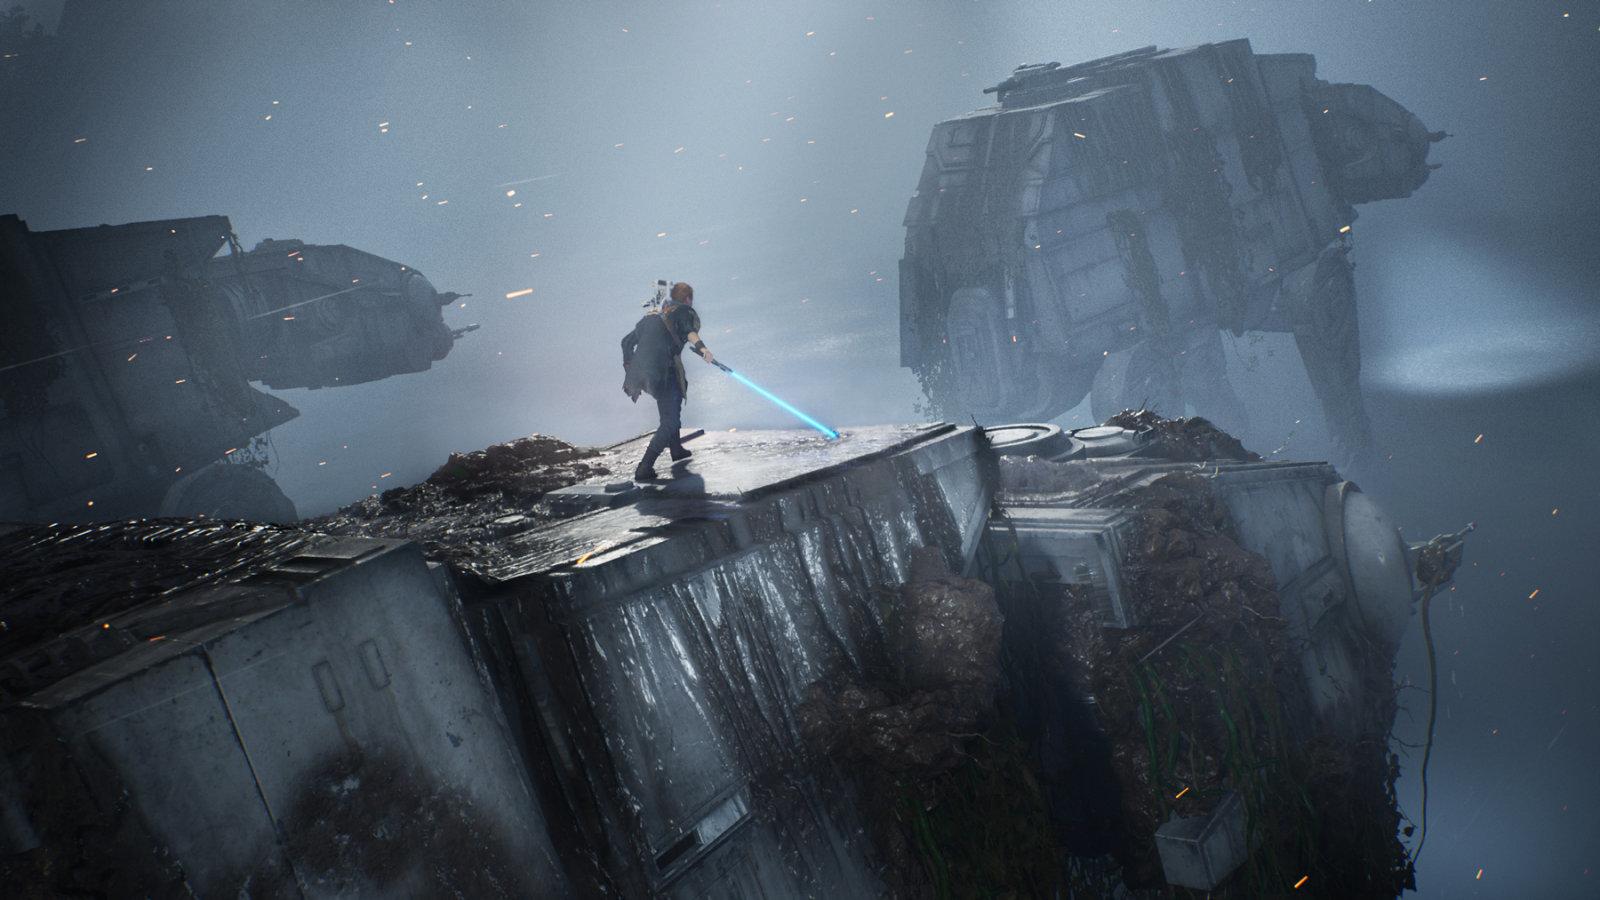 Star Wars JEdi: Fallen Order review in progress